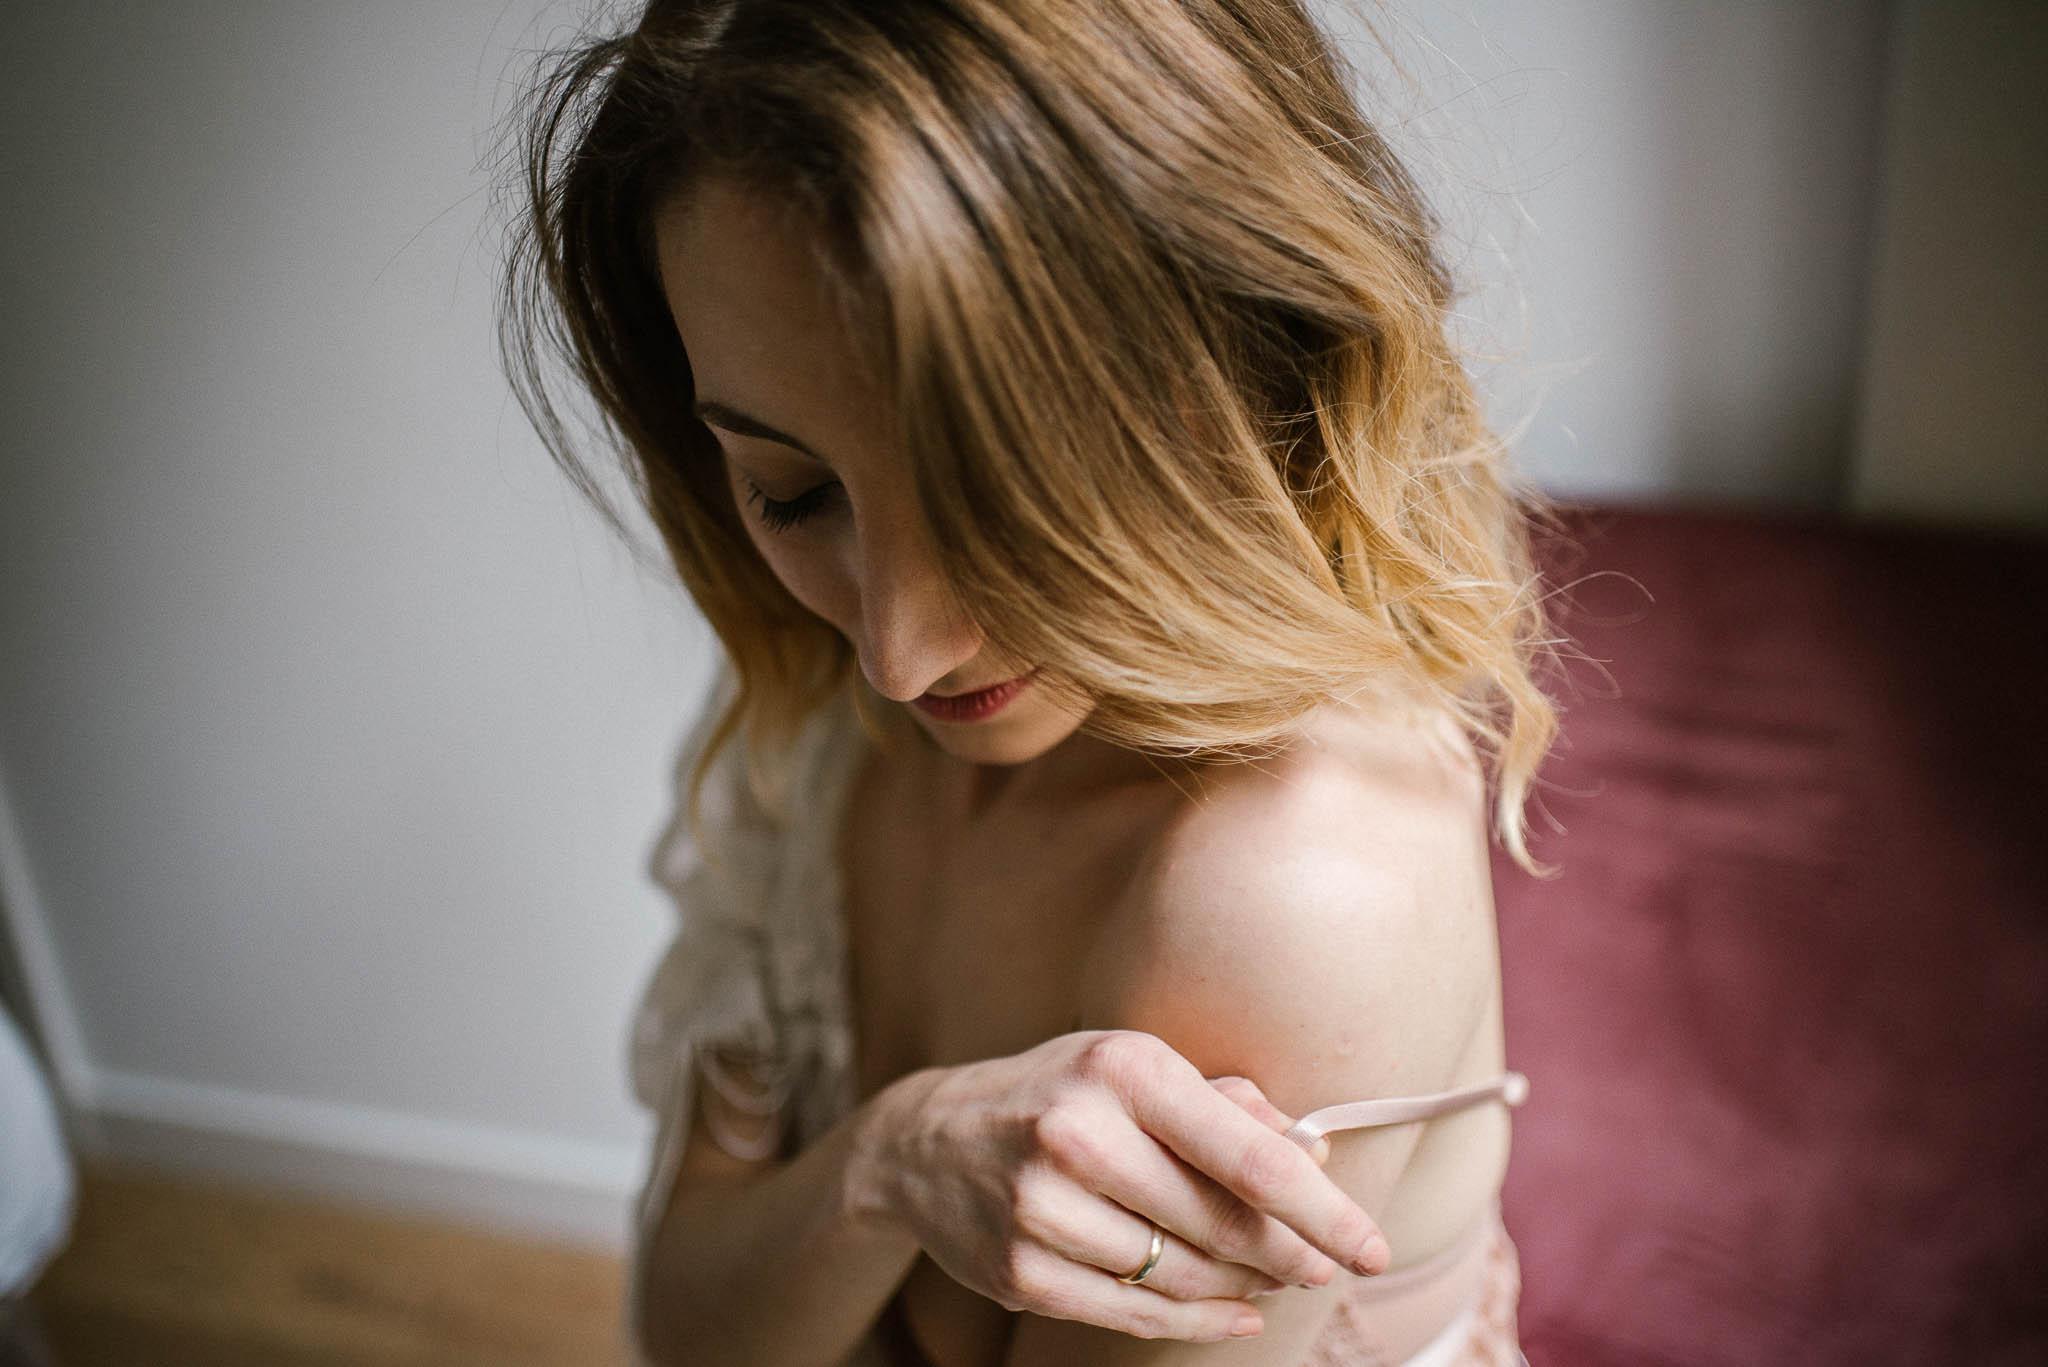 Kobieta zdejmuje ramiączko od stanika podczas zmysłowej sesji